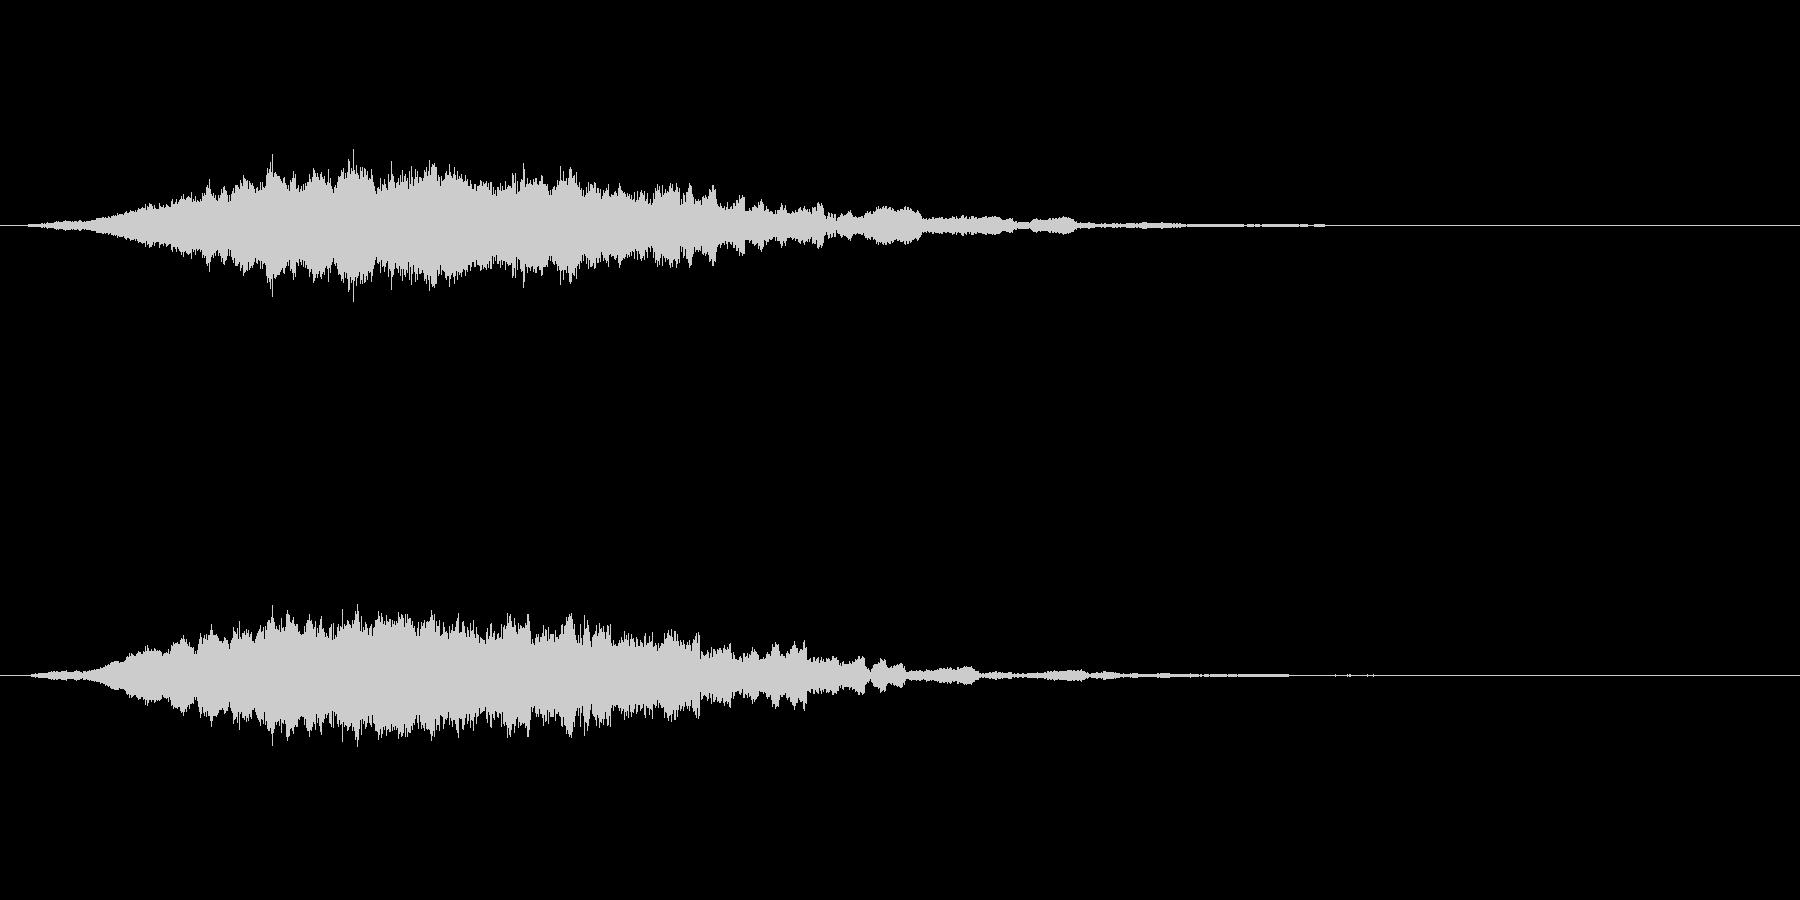 逆チャイムライトミスティックメロデ...の未再生の波形